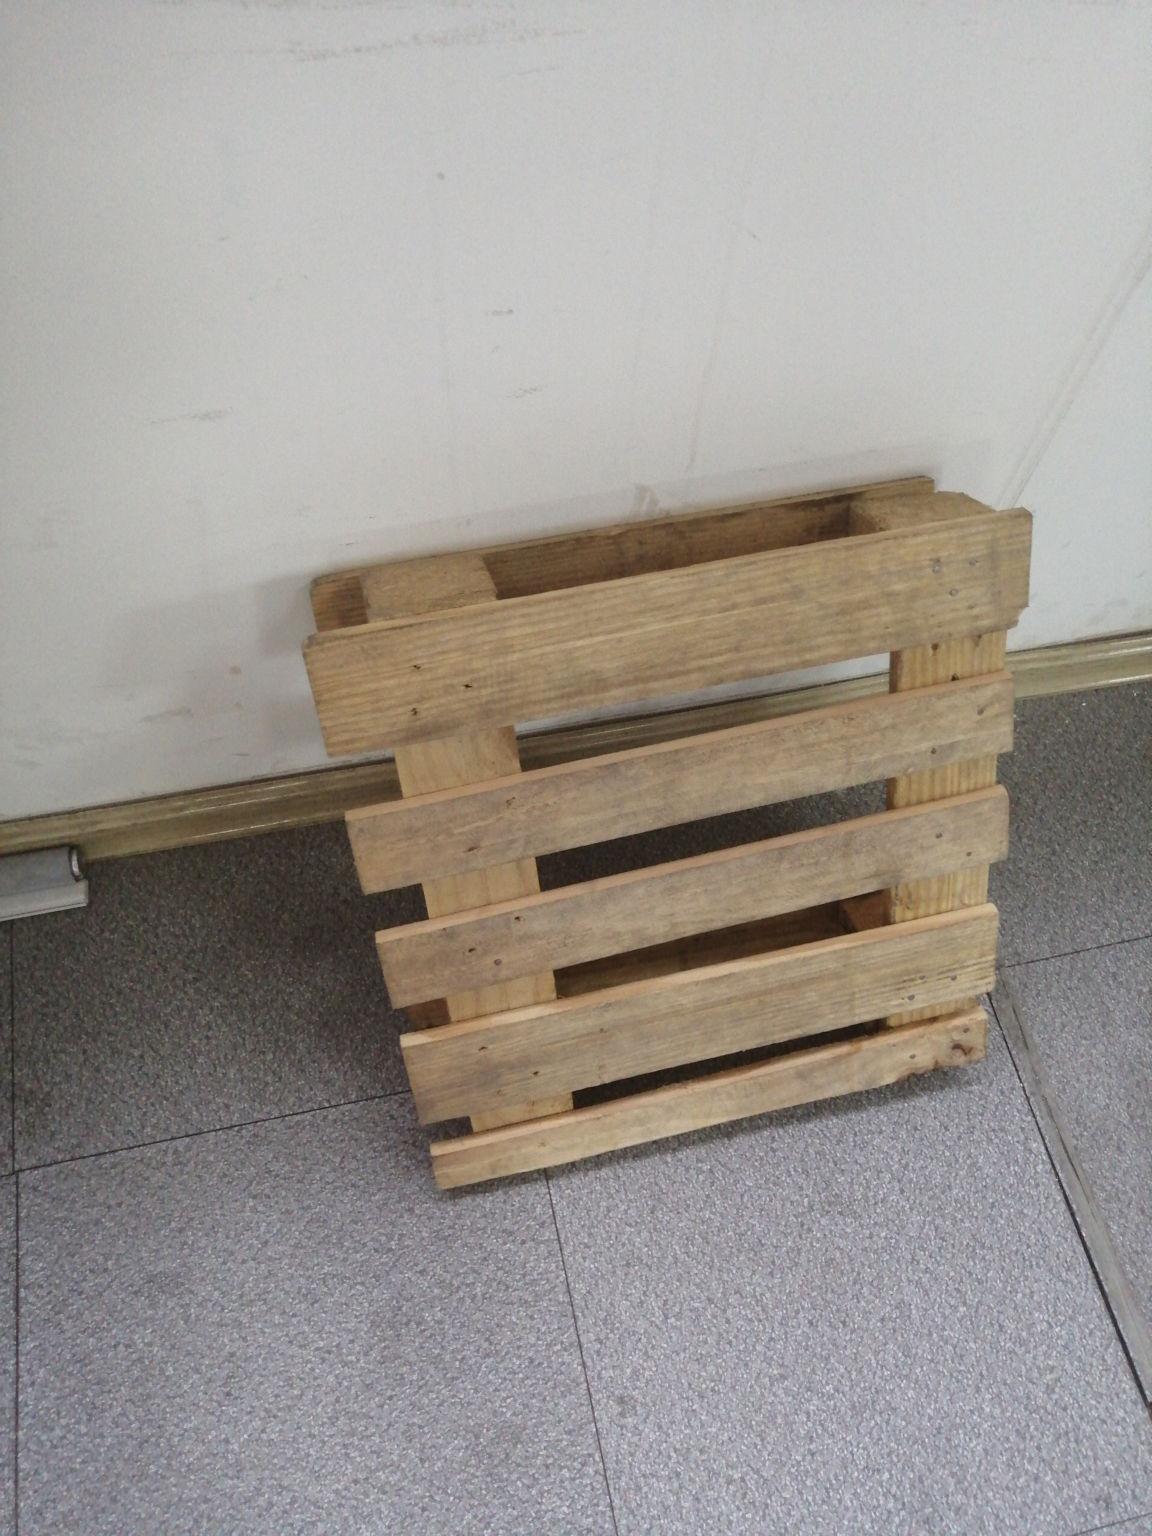 【木条销售】-木条销售厂家、品??,▼[Ⅶ、图片、热帖